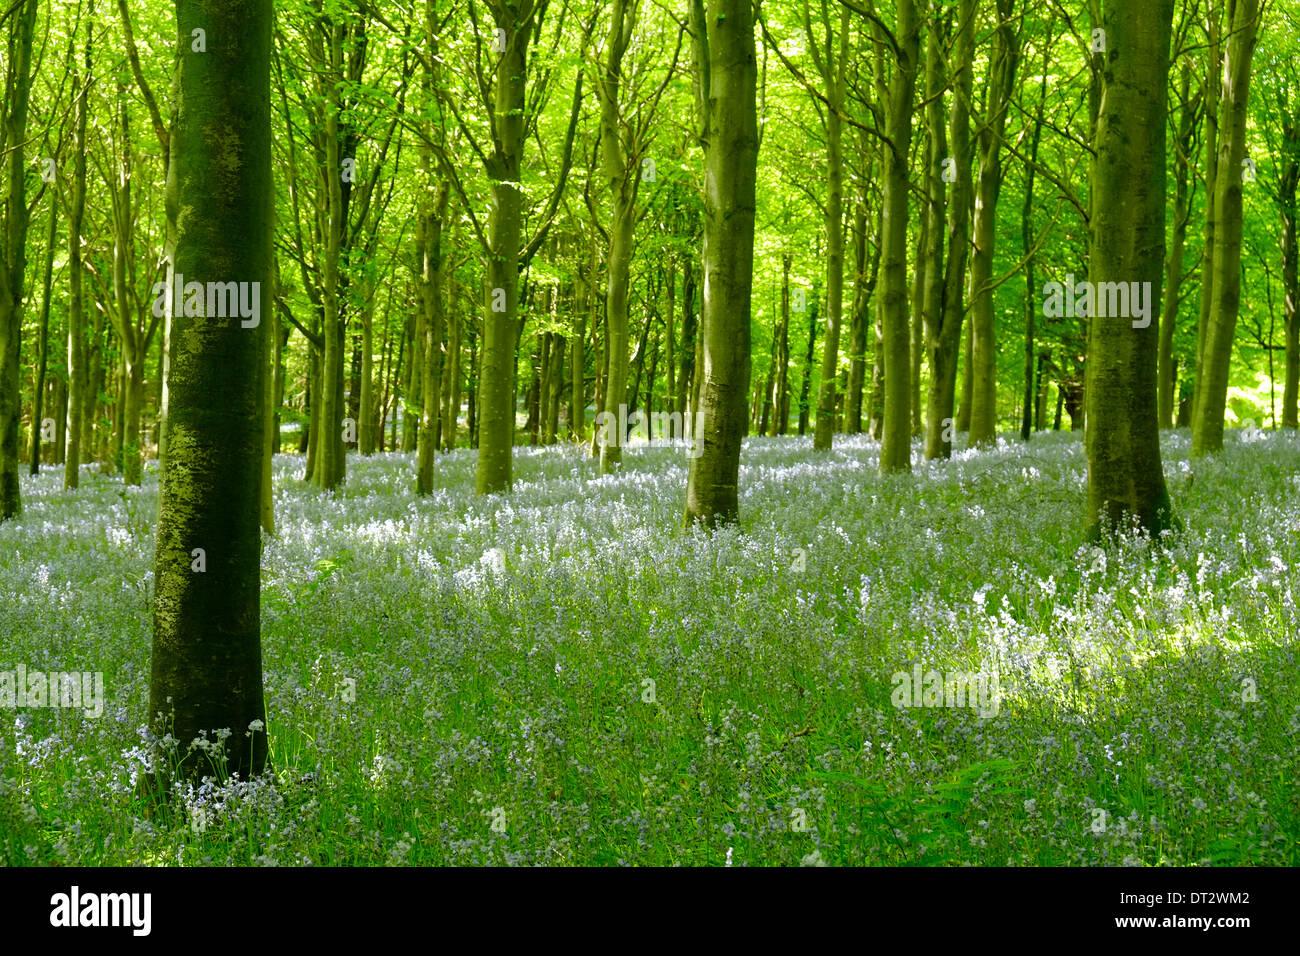 Bluebell woods, Dorset, UK - Stock Image